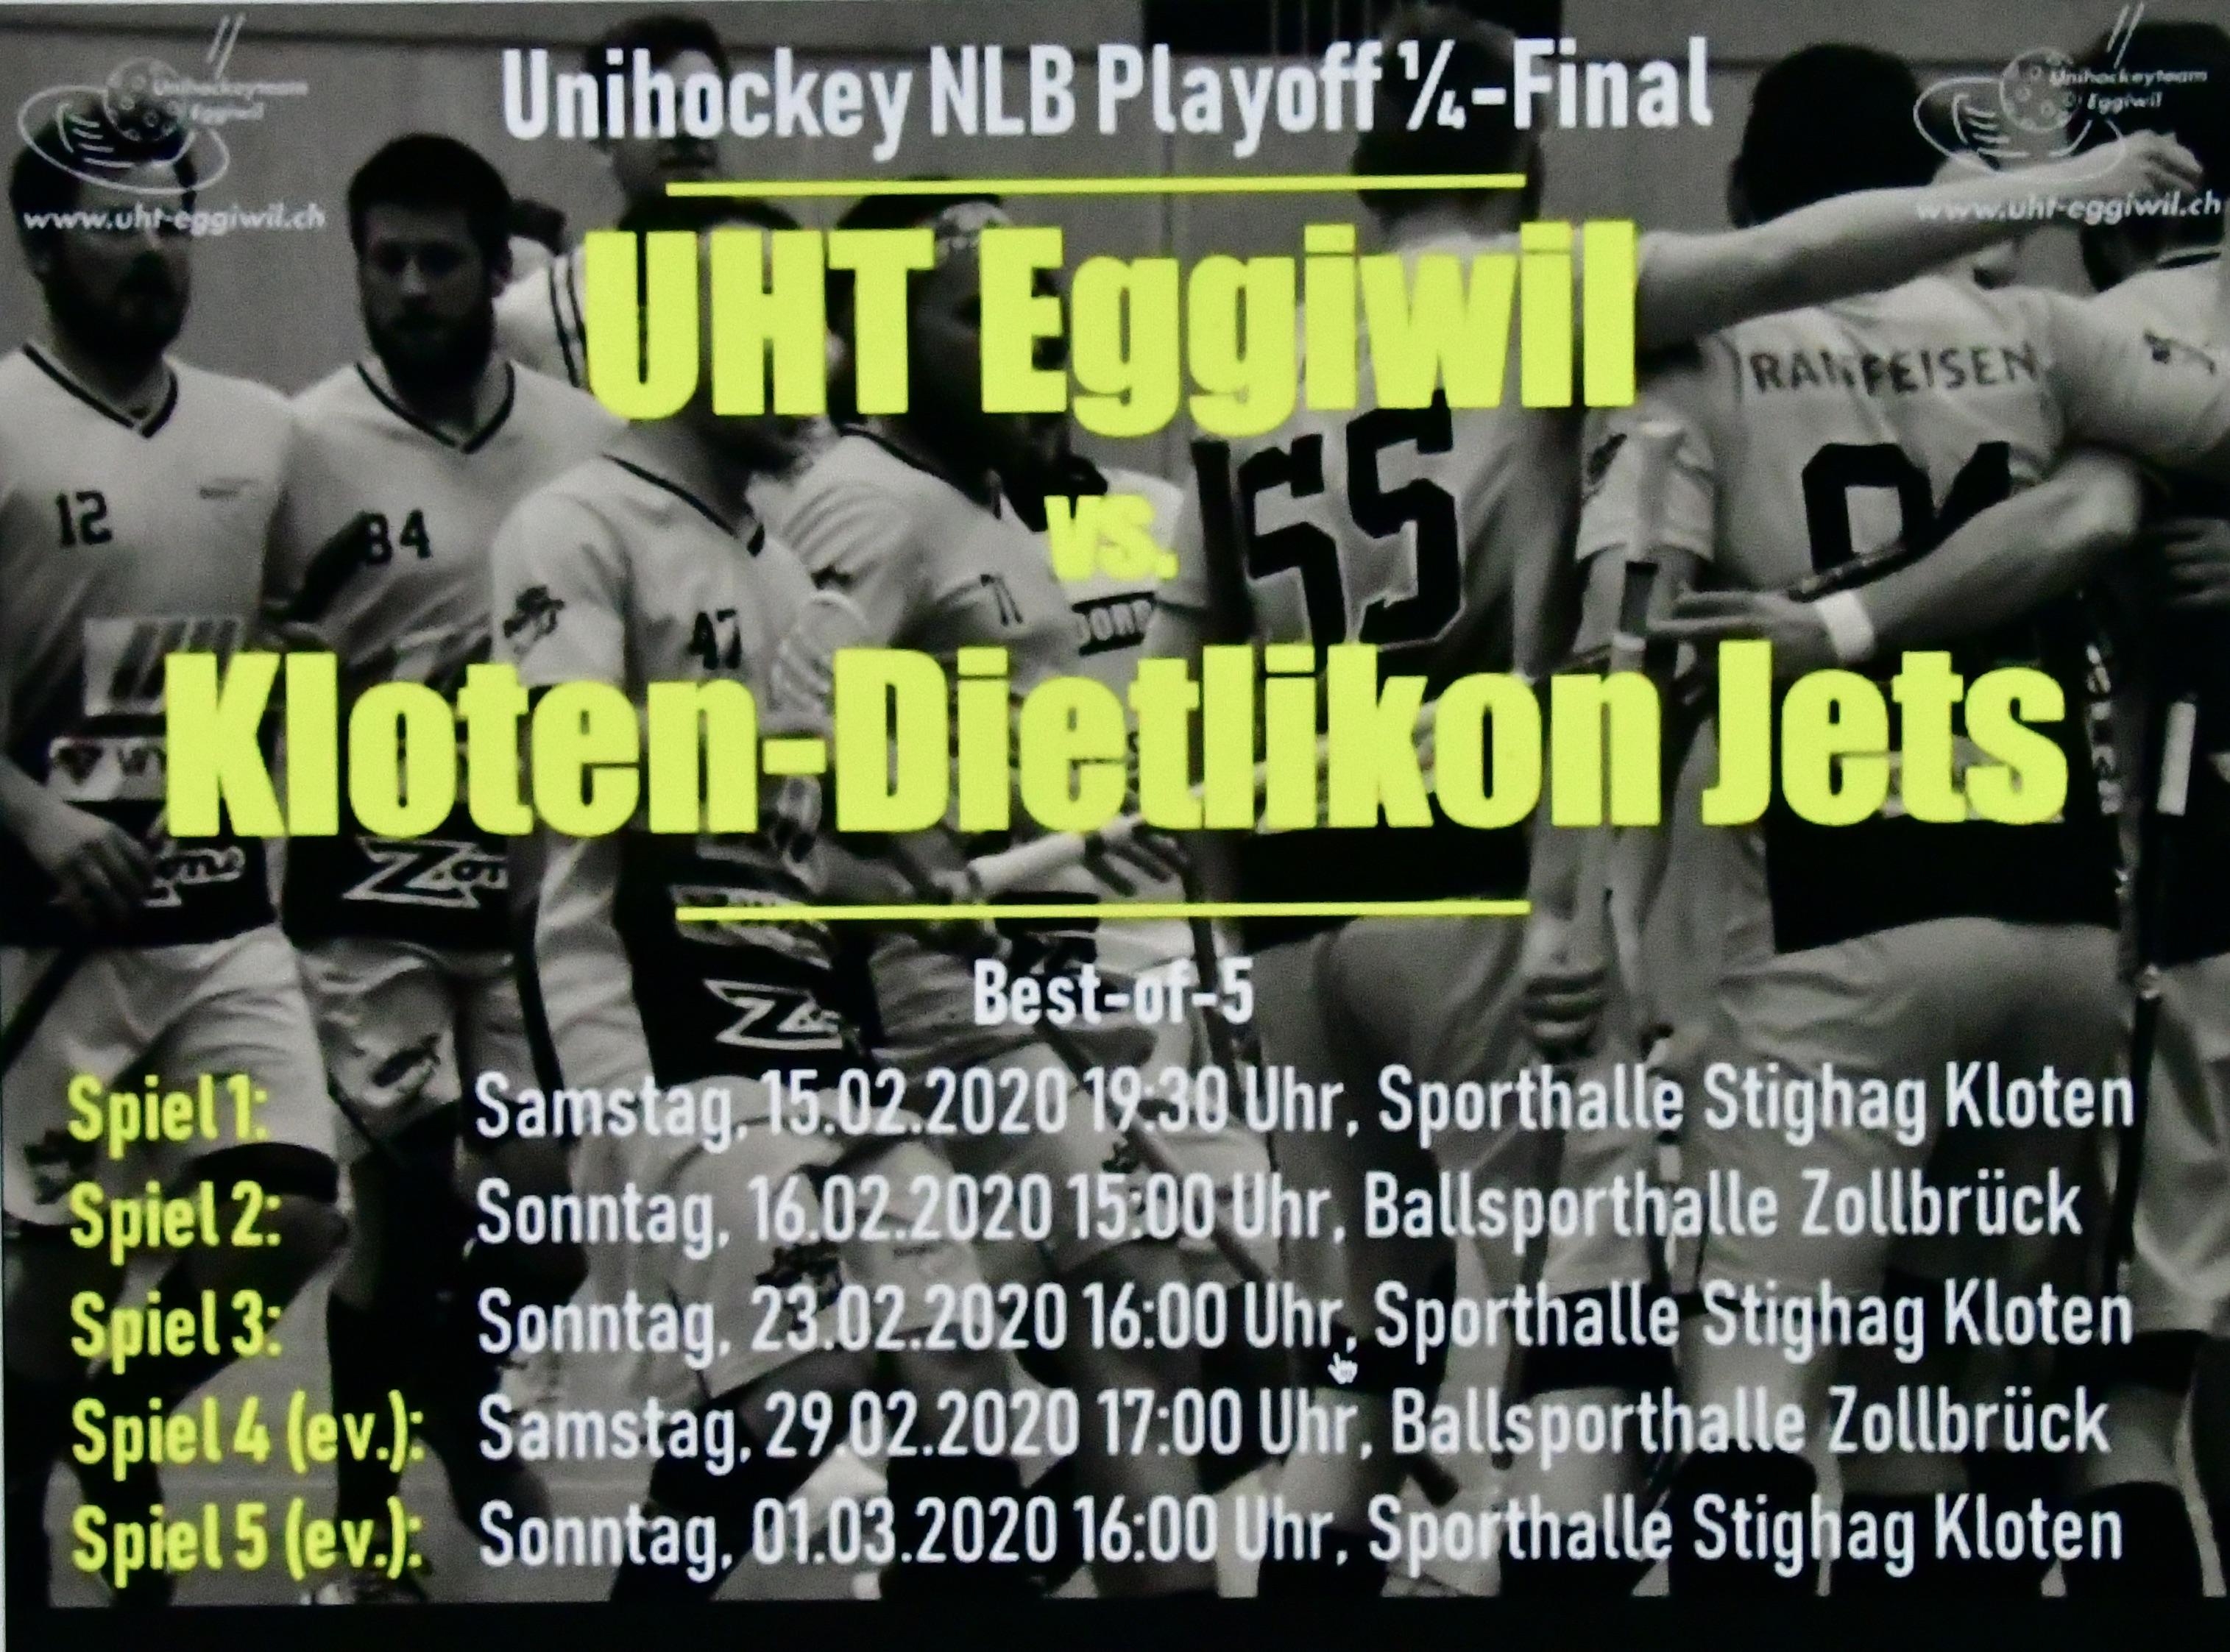 Herren l - Kloten-Dietlikon Jets, Unihockey NLB Playoff 1/4 Final, Spiel 1, Saison 2019/20